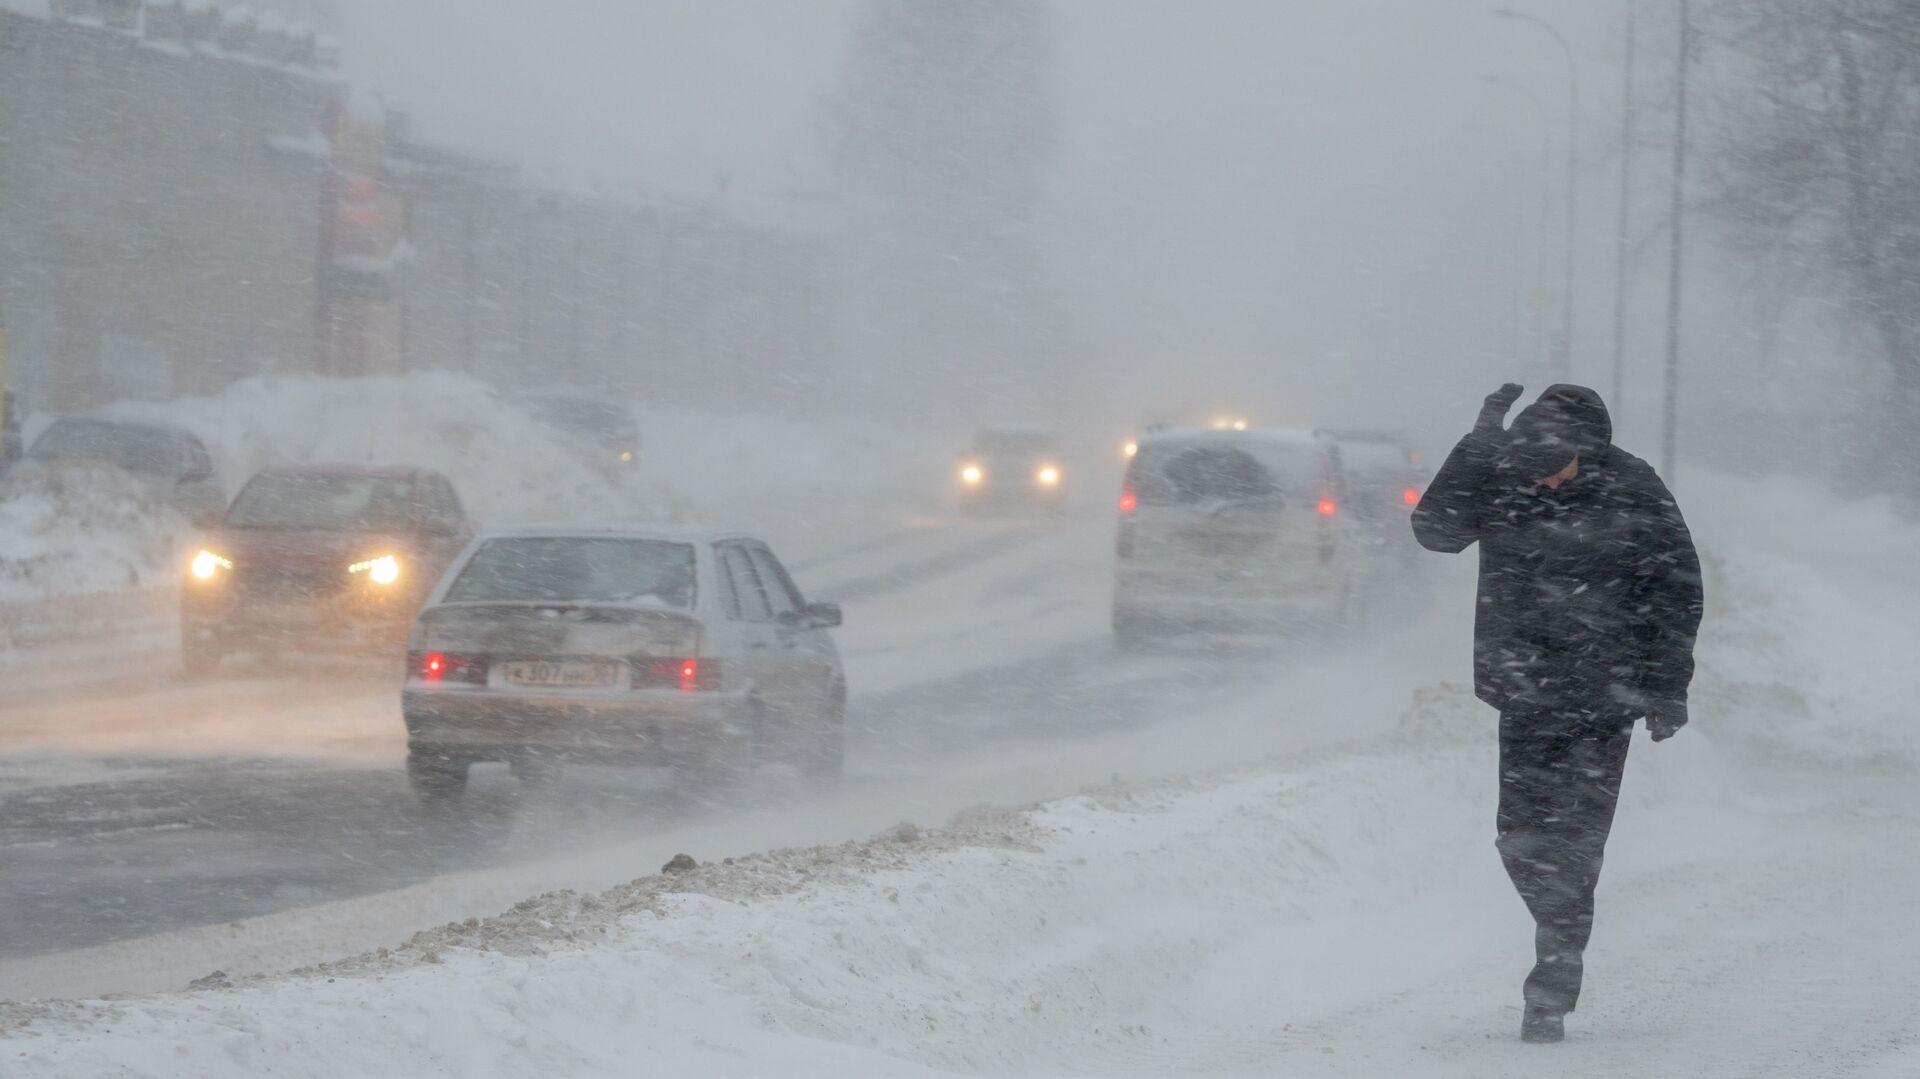 Прохожий на одной из улиц в Петрозаводске во время снегопада - РИА Новости, 1920, 24.02.2021